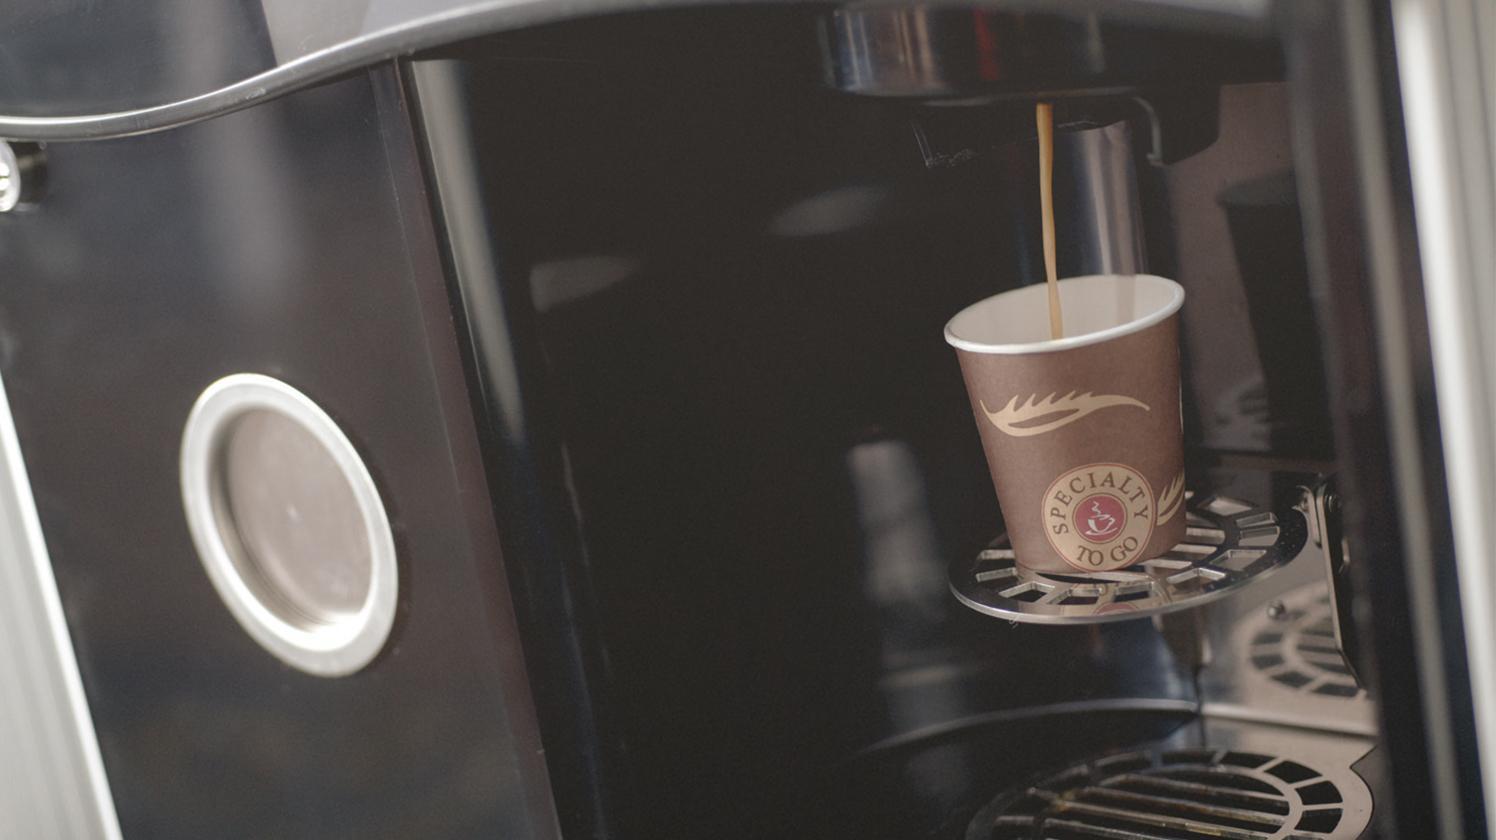 BRITA eau appareil distribution auto machine café